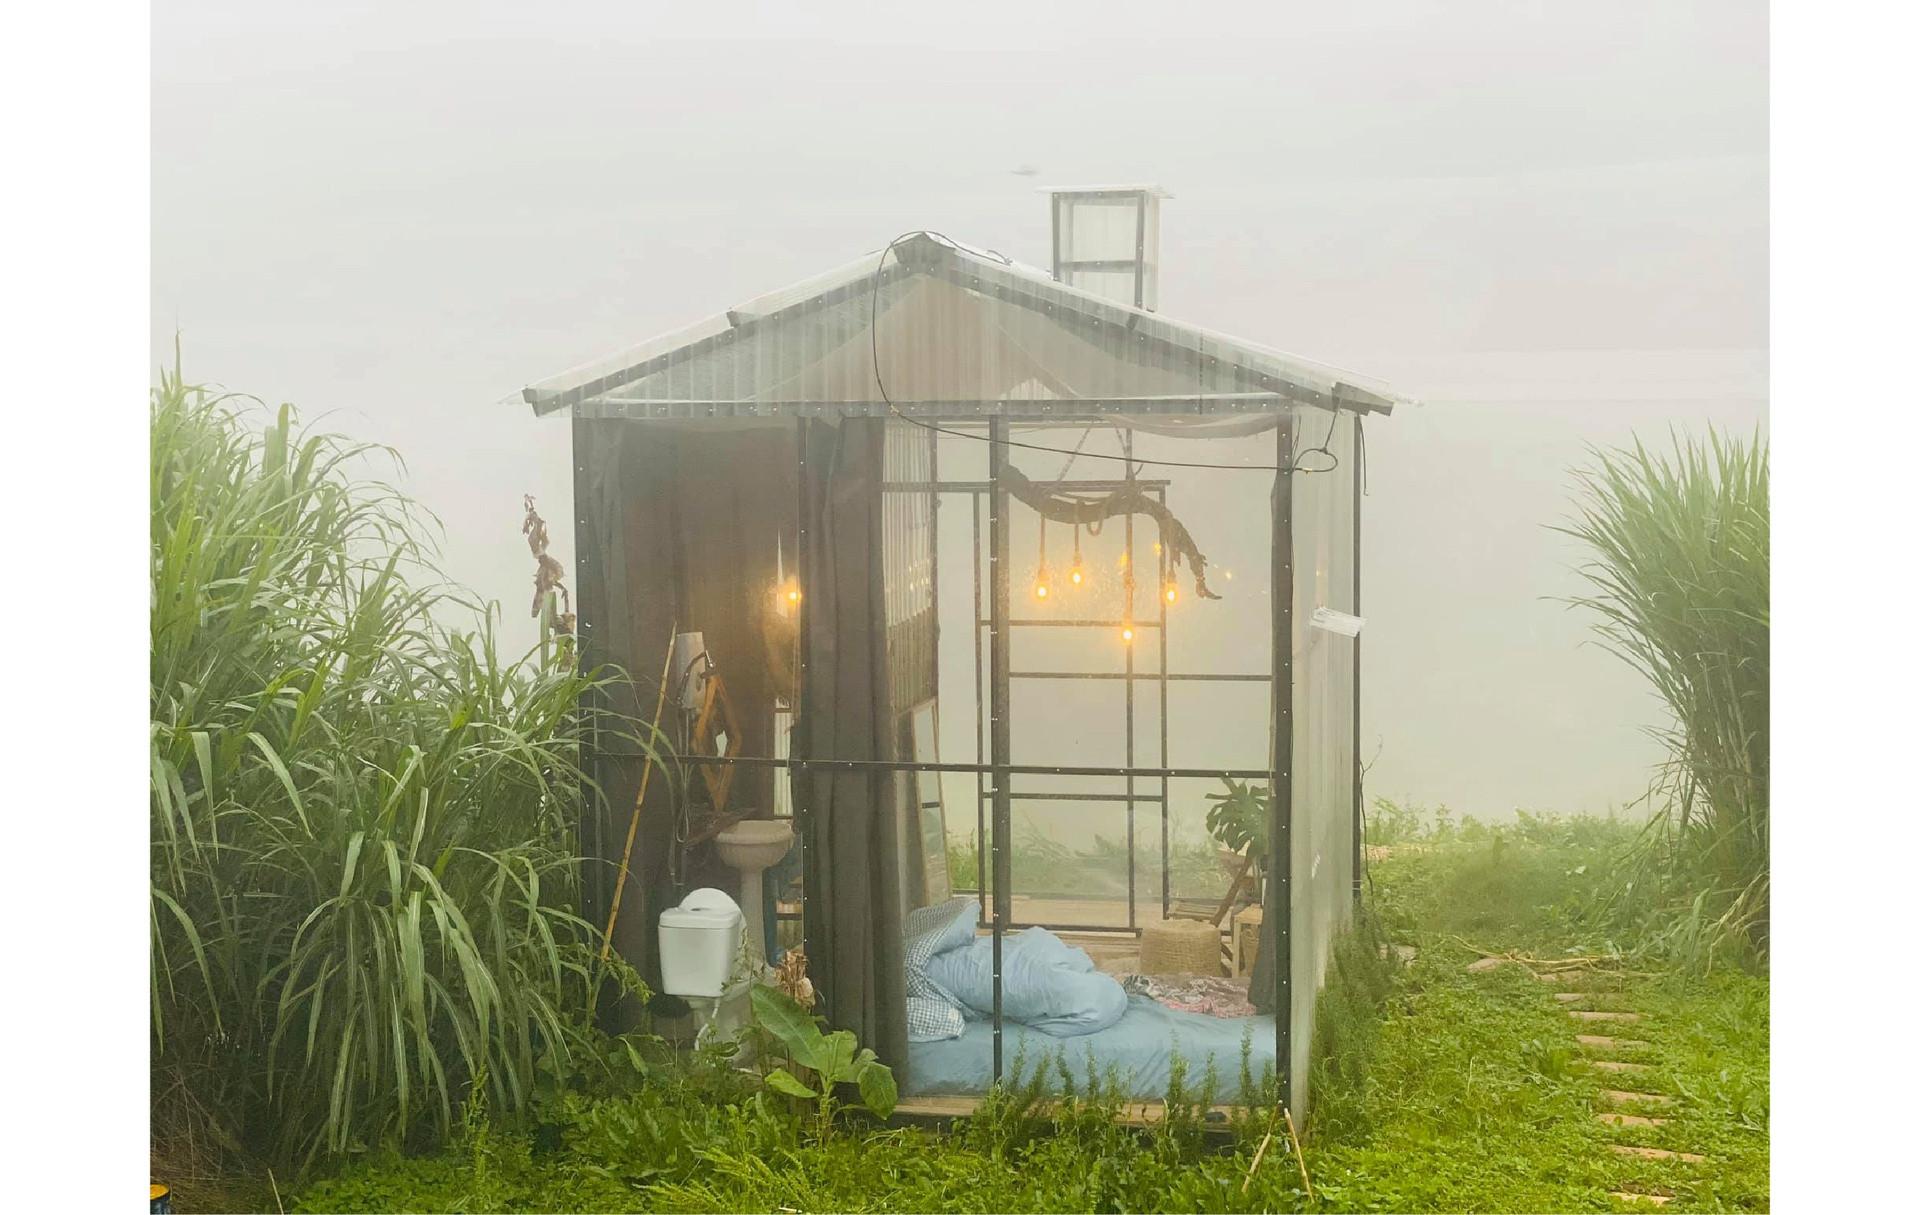 Chủ homestay Đà Lạt trồng rau, nuôi gà trong thời gian đóng cửa - 9